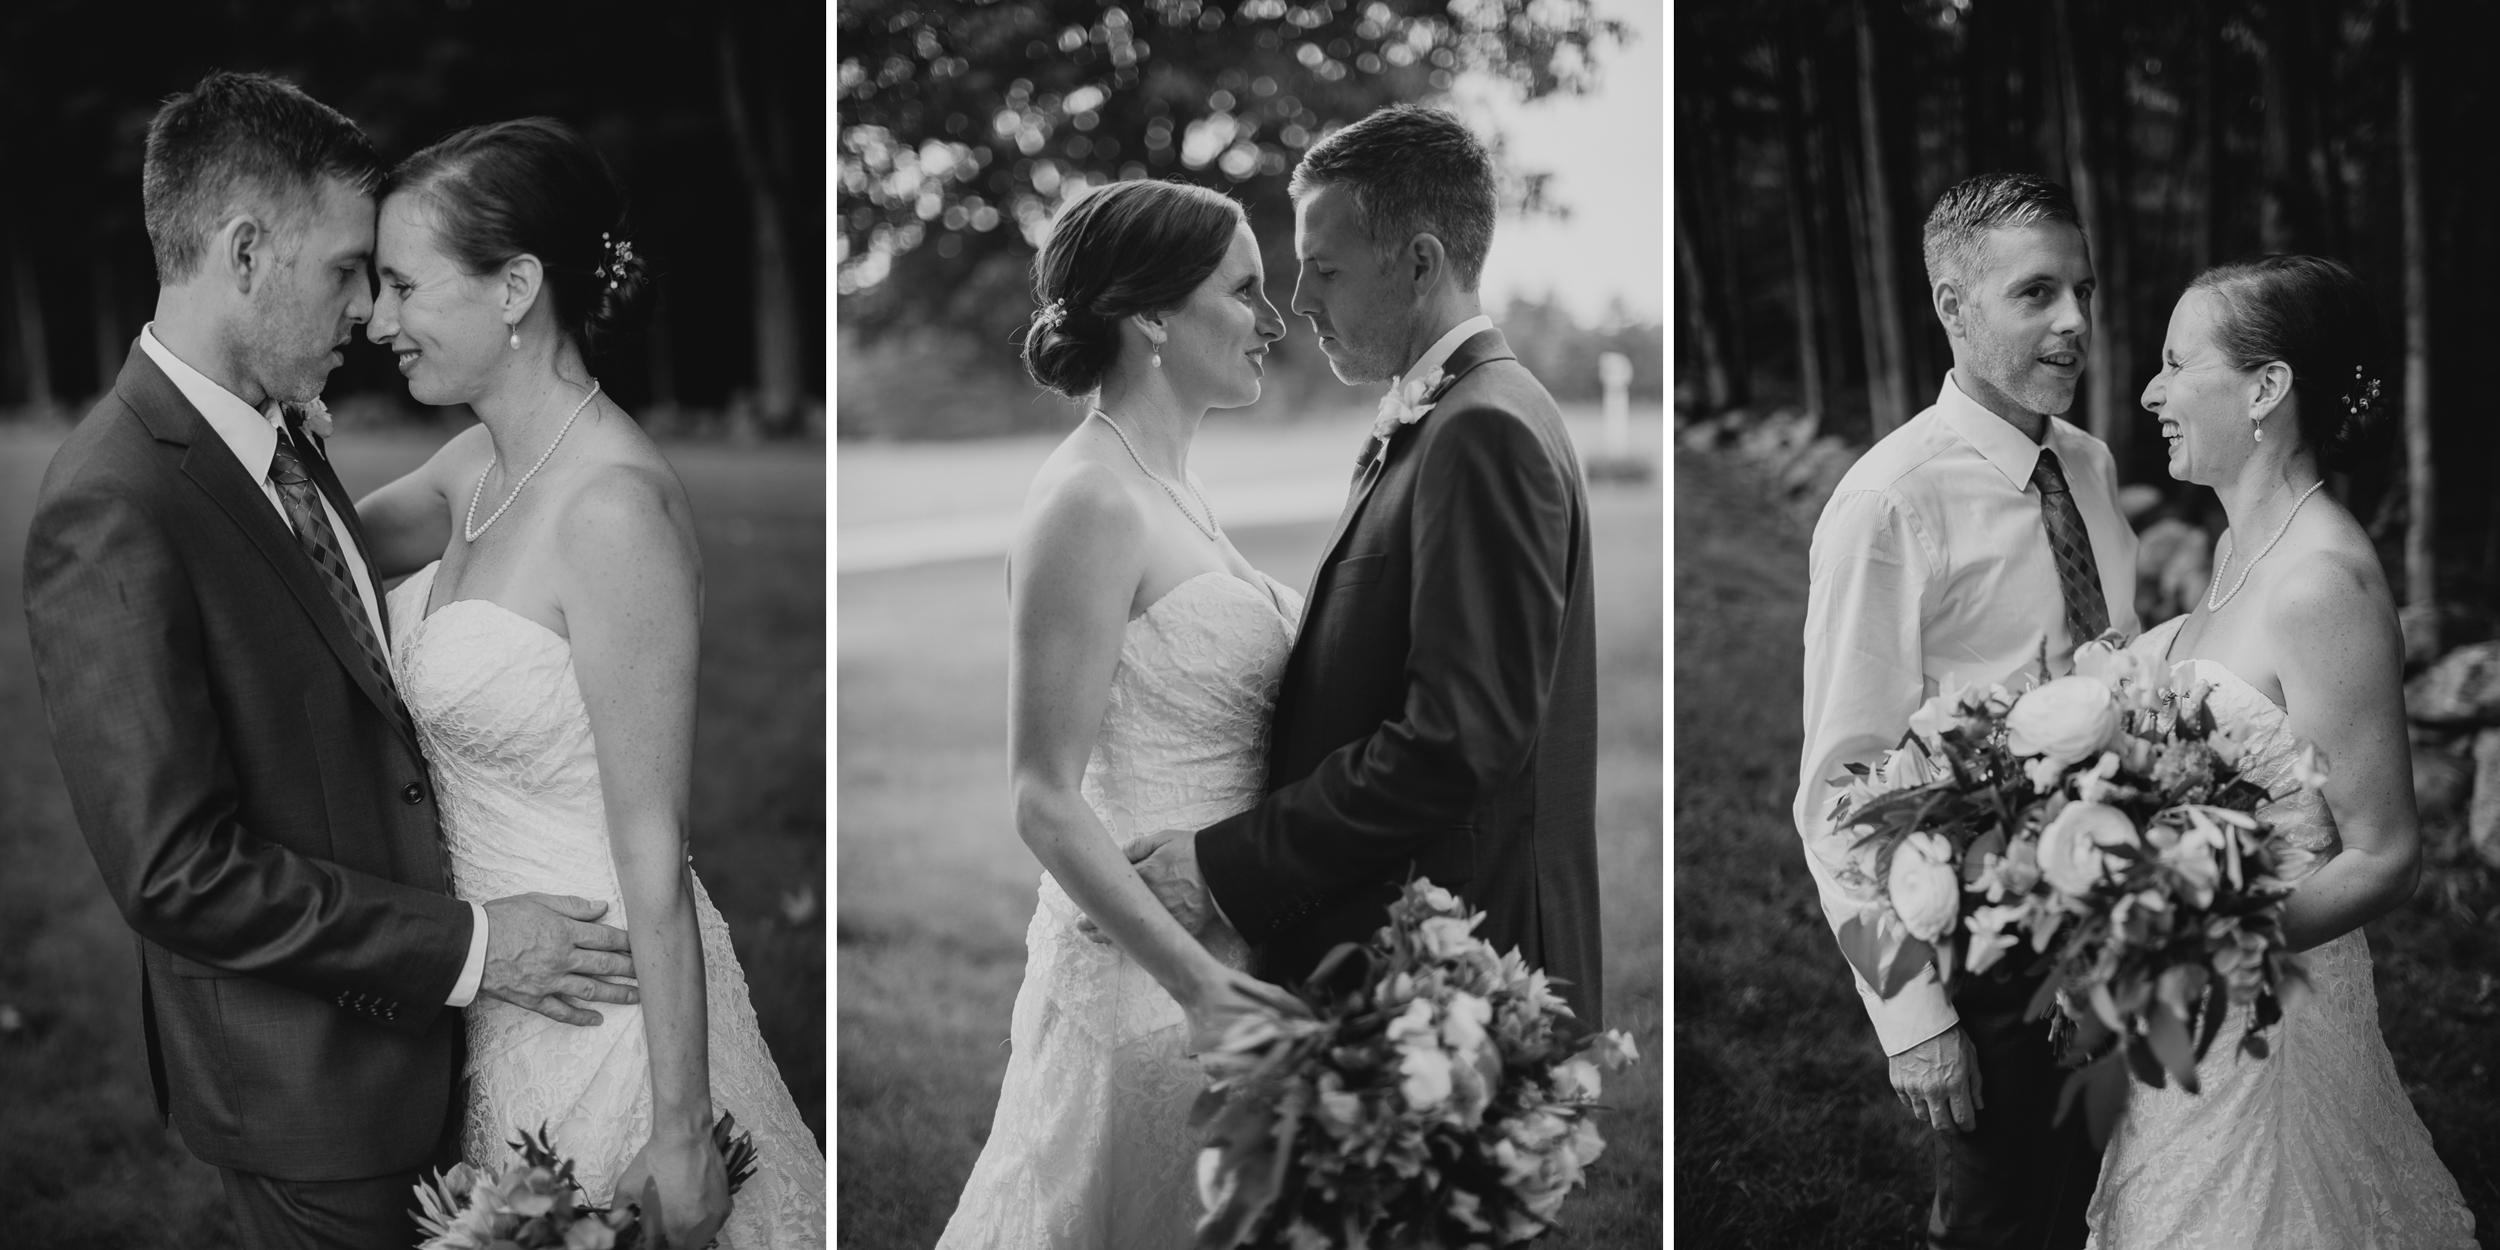 william_allen_farm_pownal_wedding_maine_michelleben-9.jpg